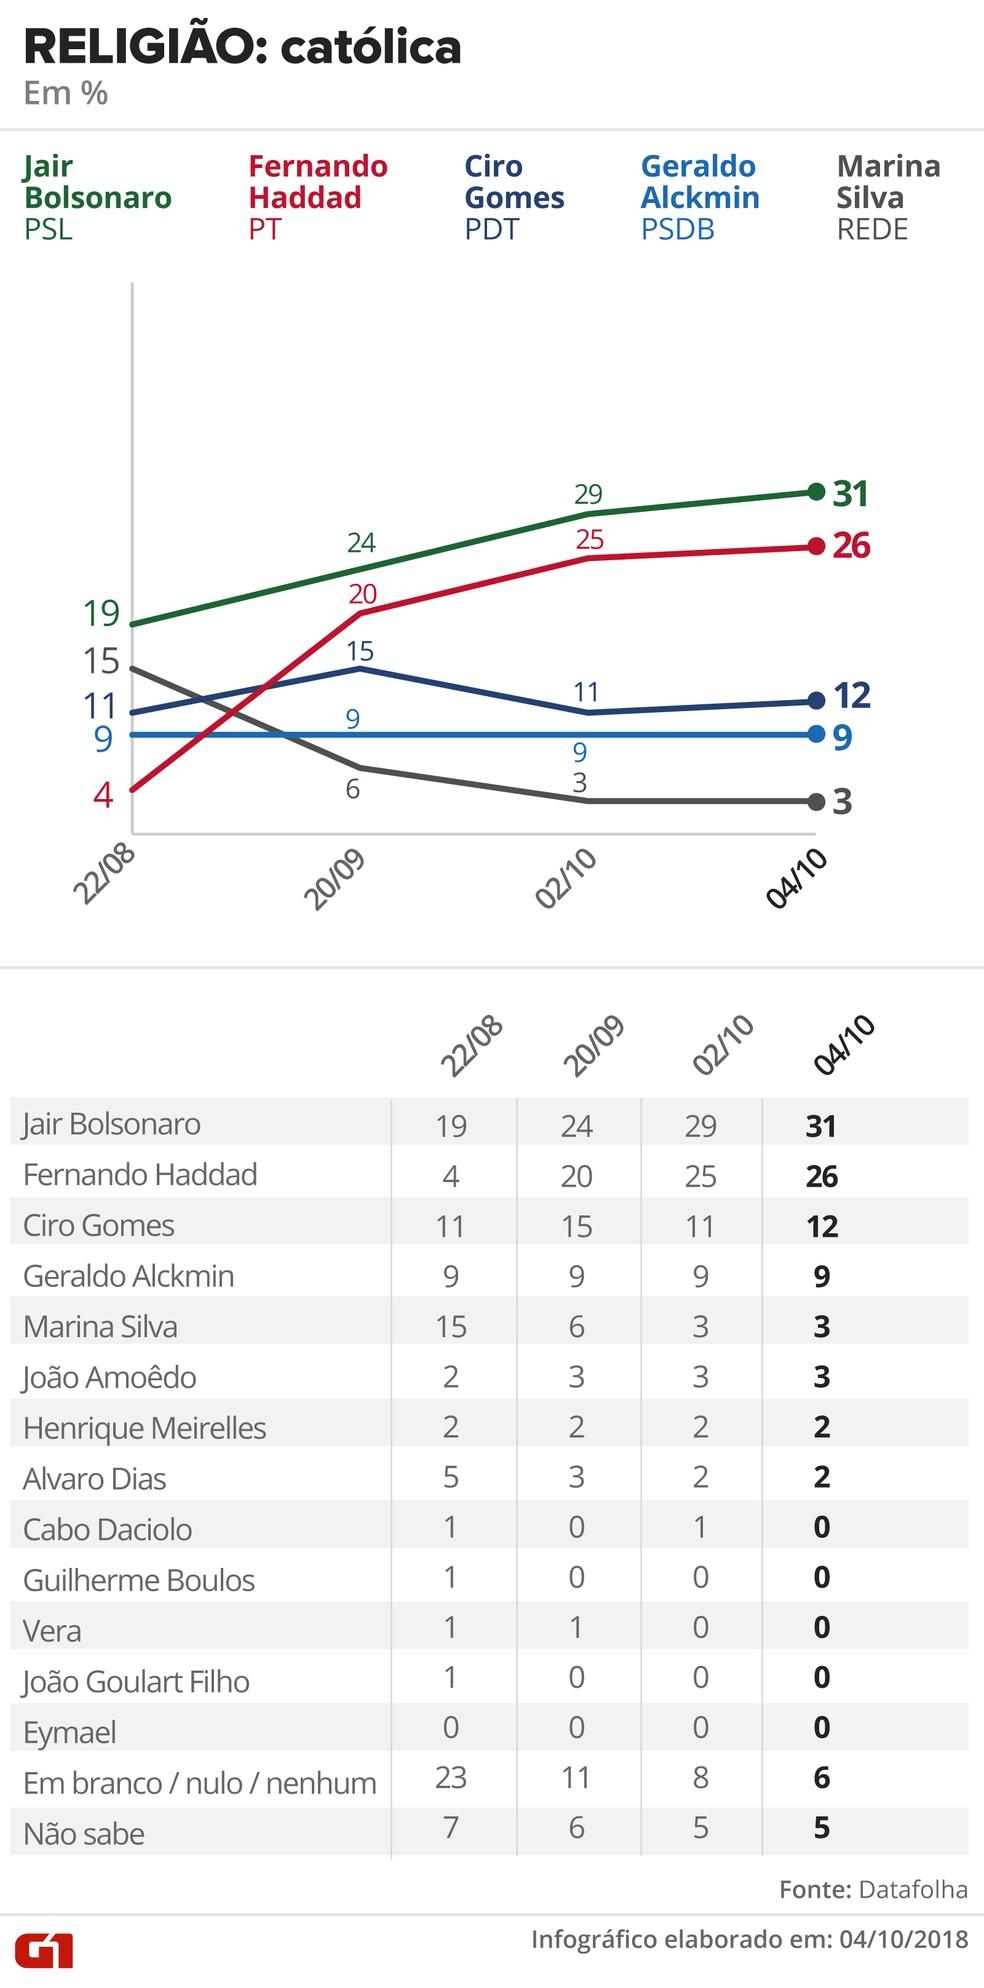 Pesquisa Datafolha - 4 de outubro - intenção de voto por segmentos - religião: católica — Foto: Arte/G1